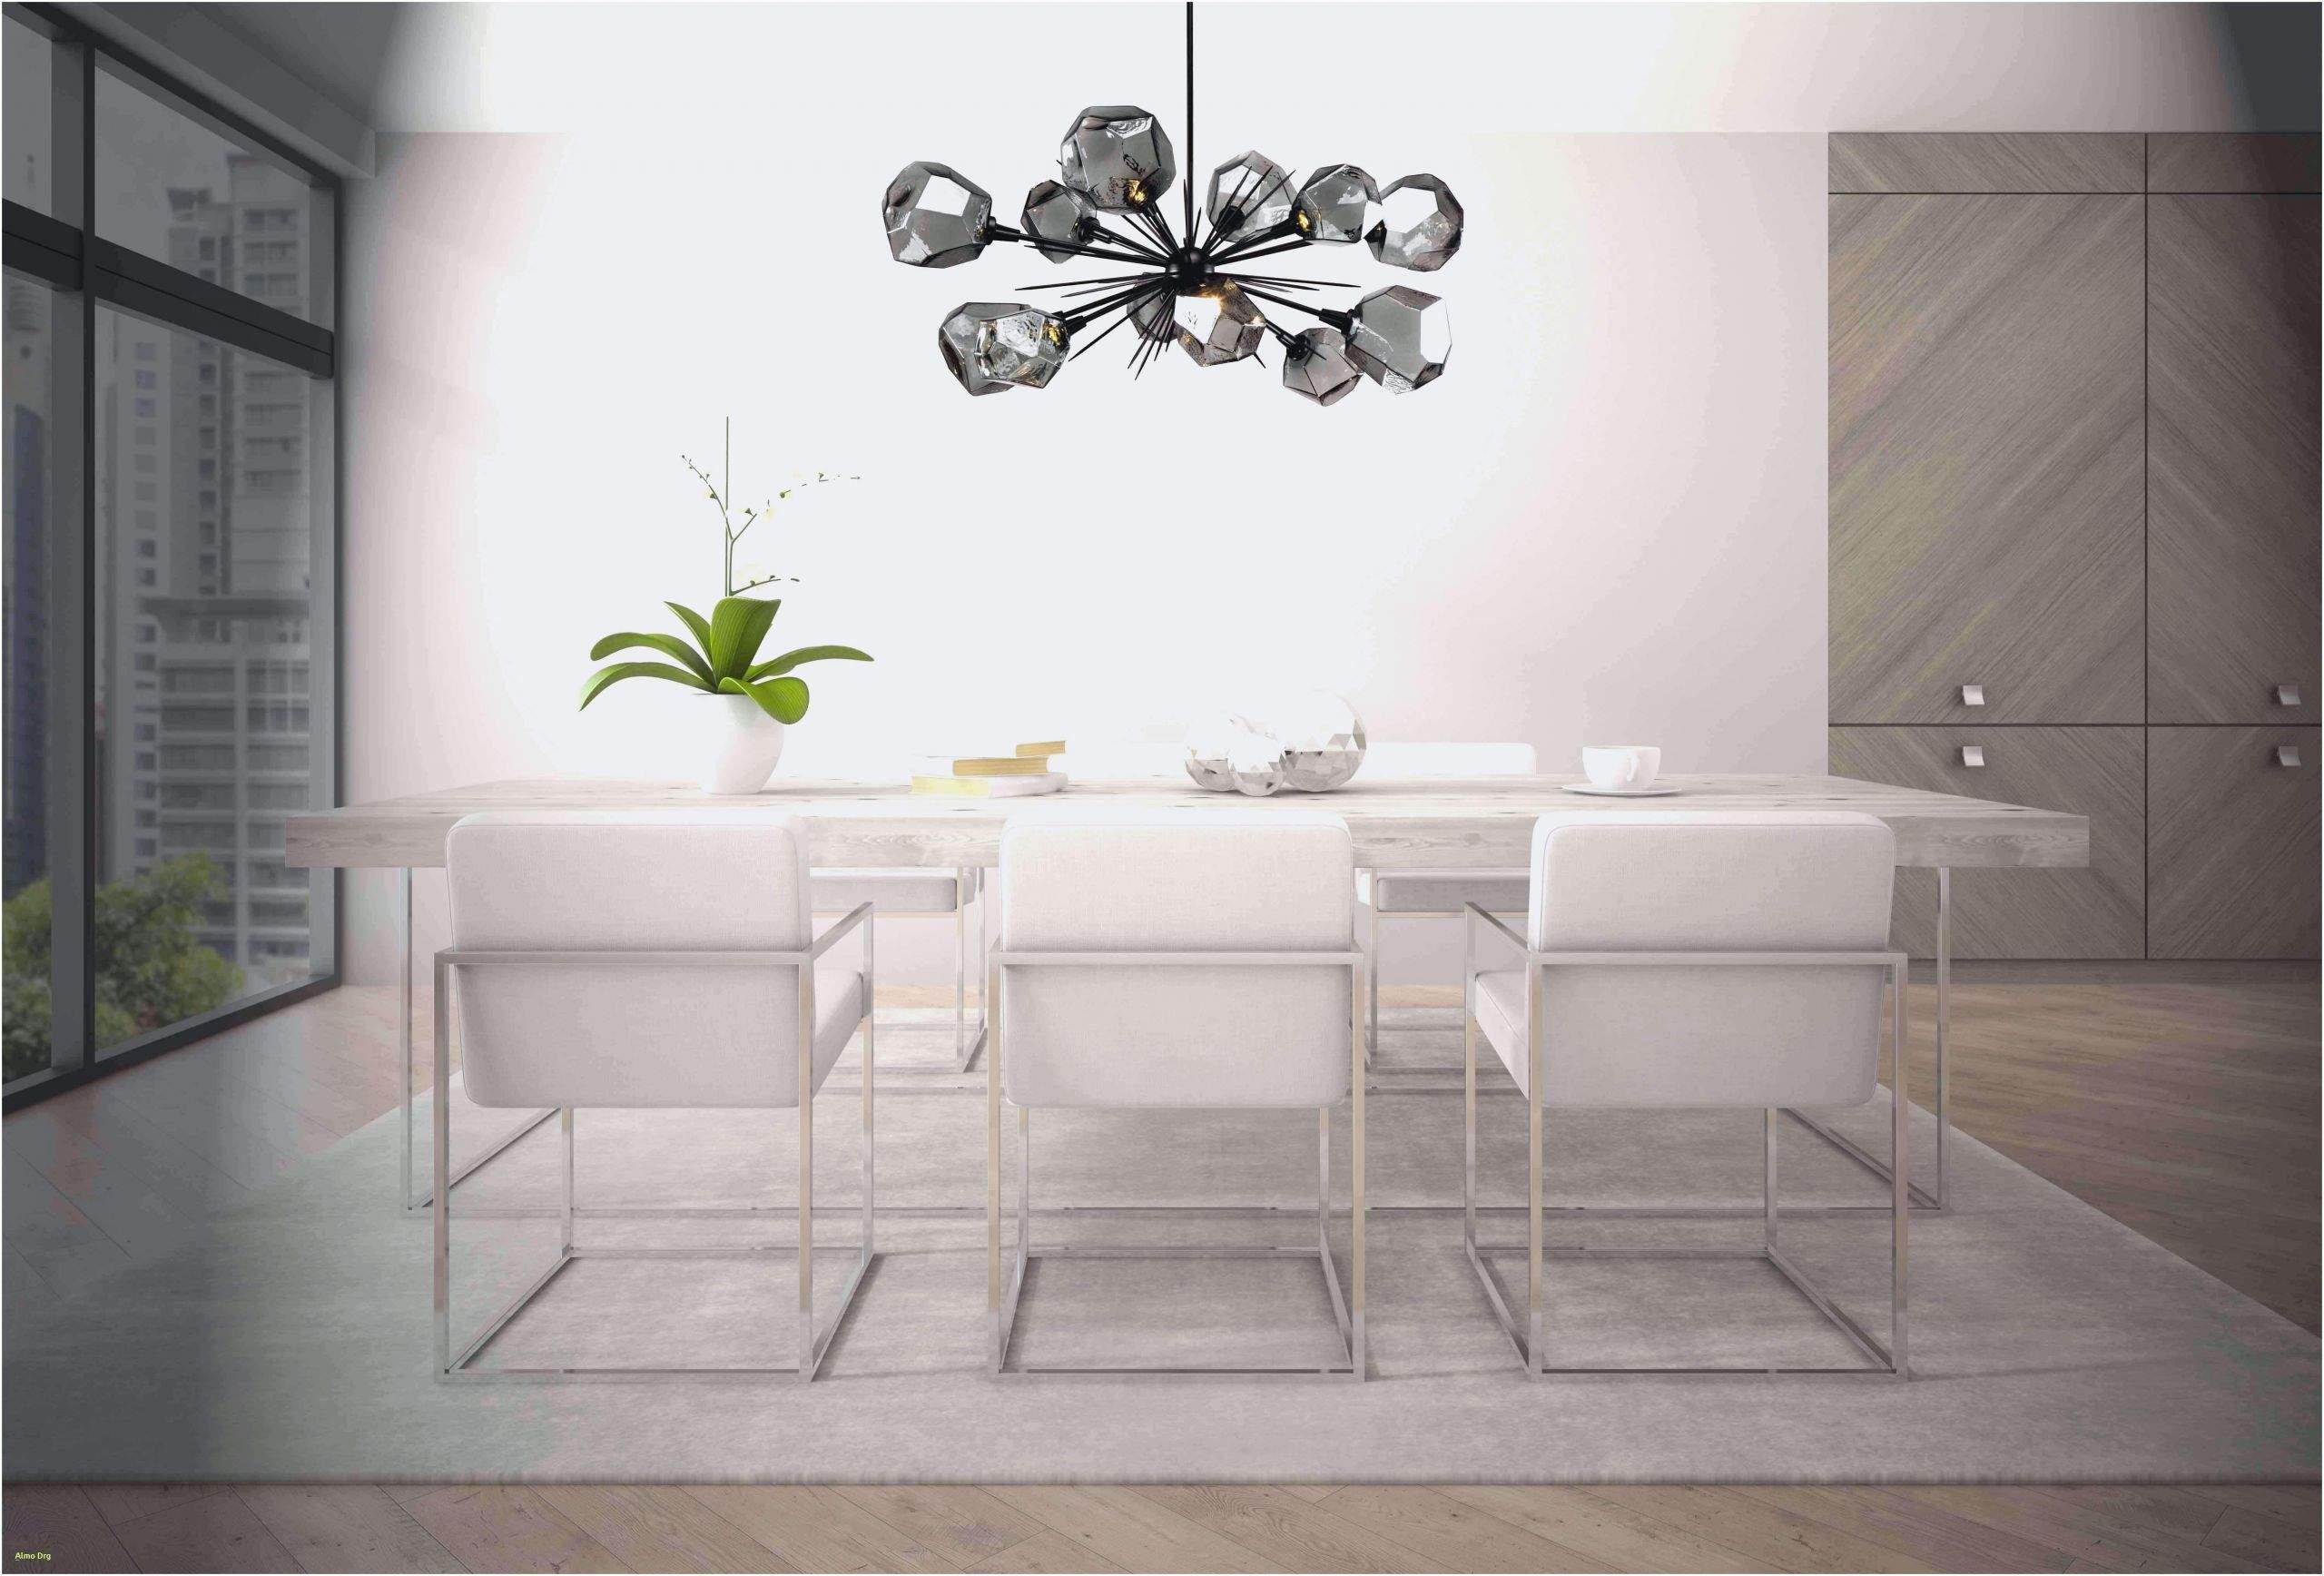 deckenlampe wohnzimmer led luxus luxe led lampe badezimmer bestevon wohnzimmer licht 0d of deckenlampe wohnzimmer led scaled